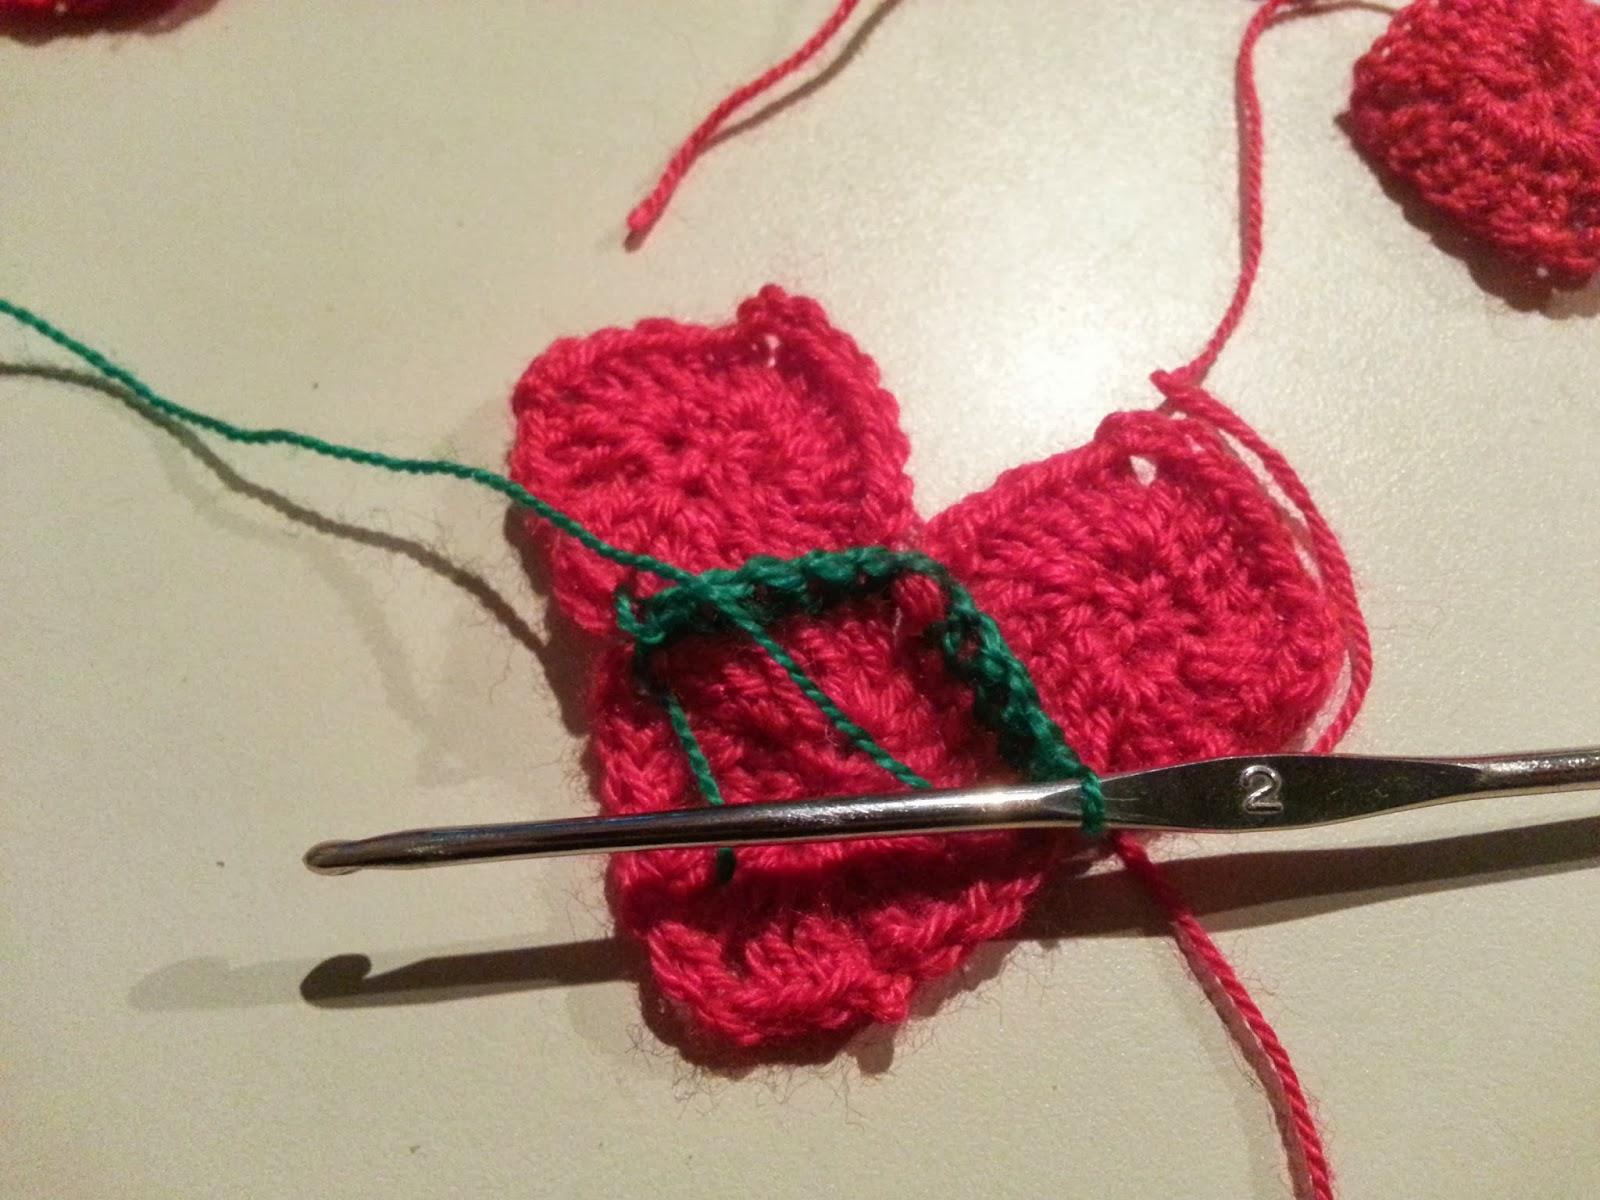 Manualidades sencillas cajita a crochet paso a paso - Manualidades a crochet paso a paso ...